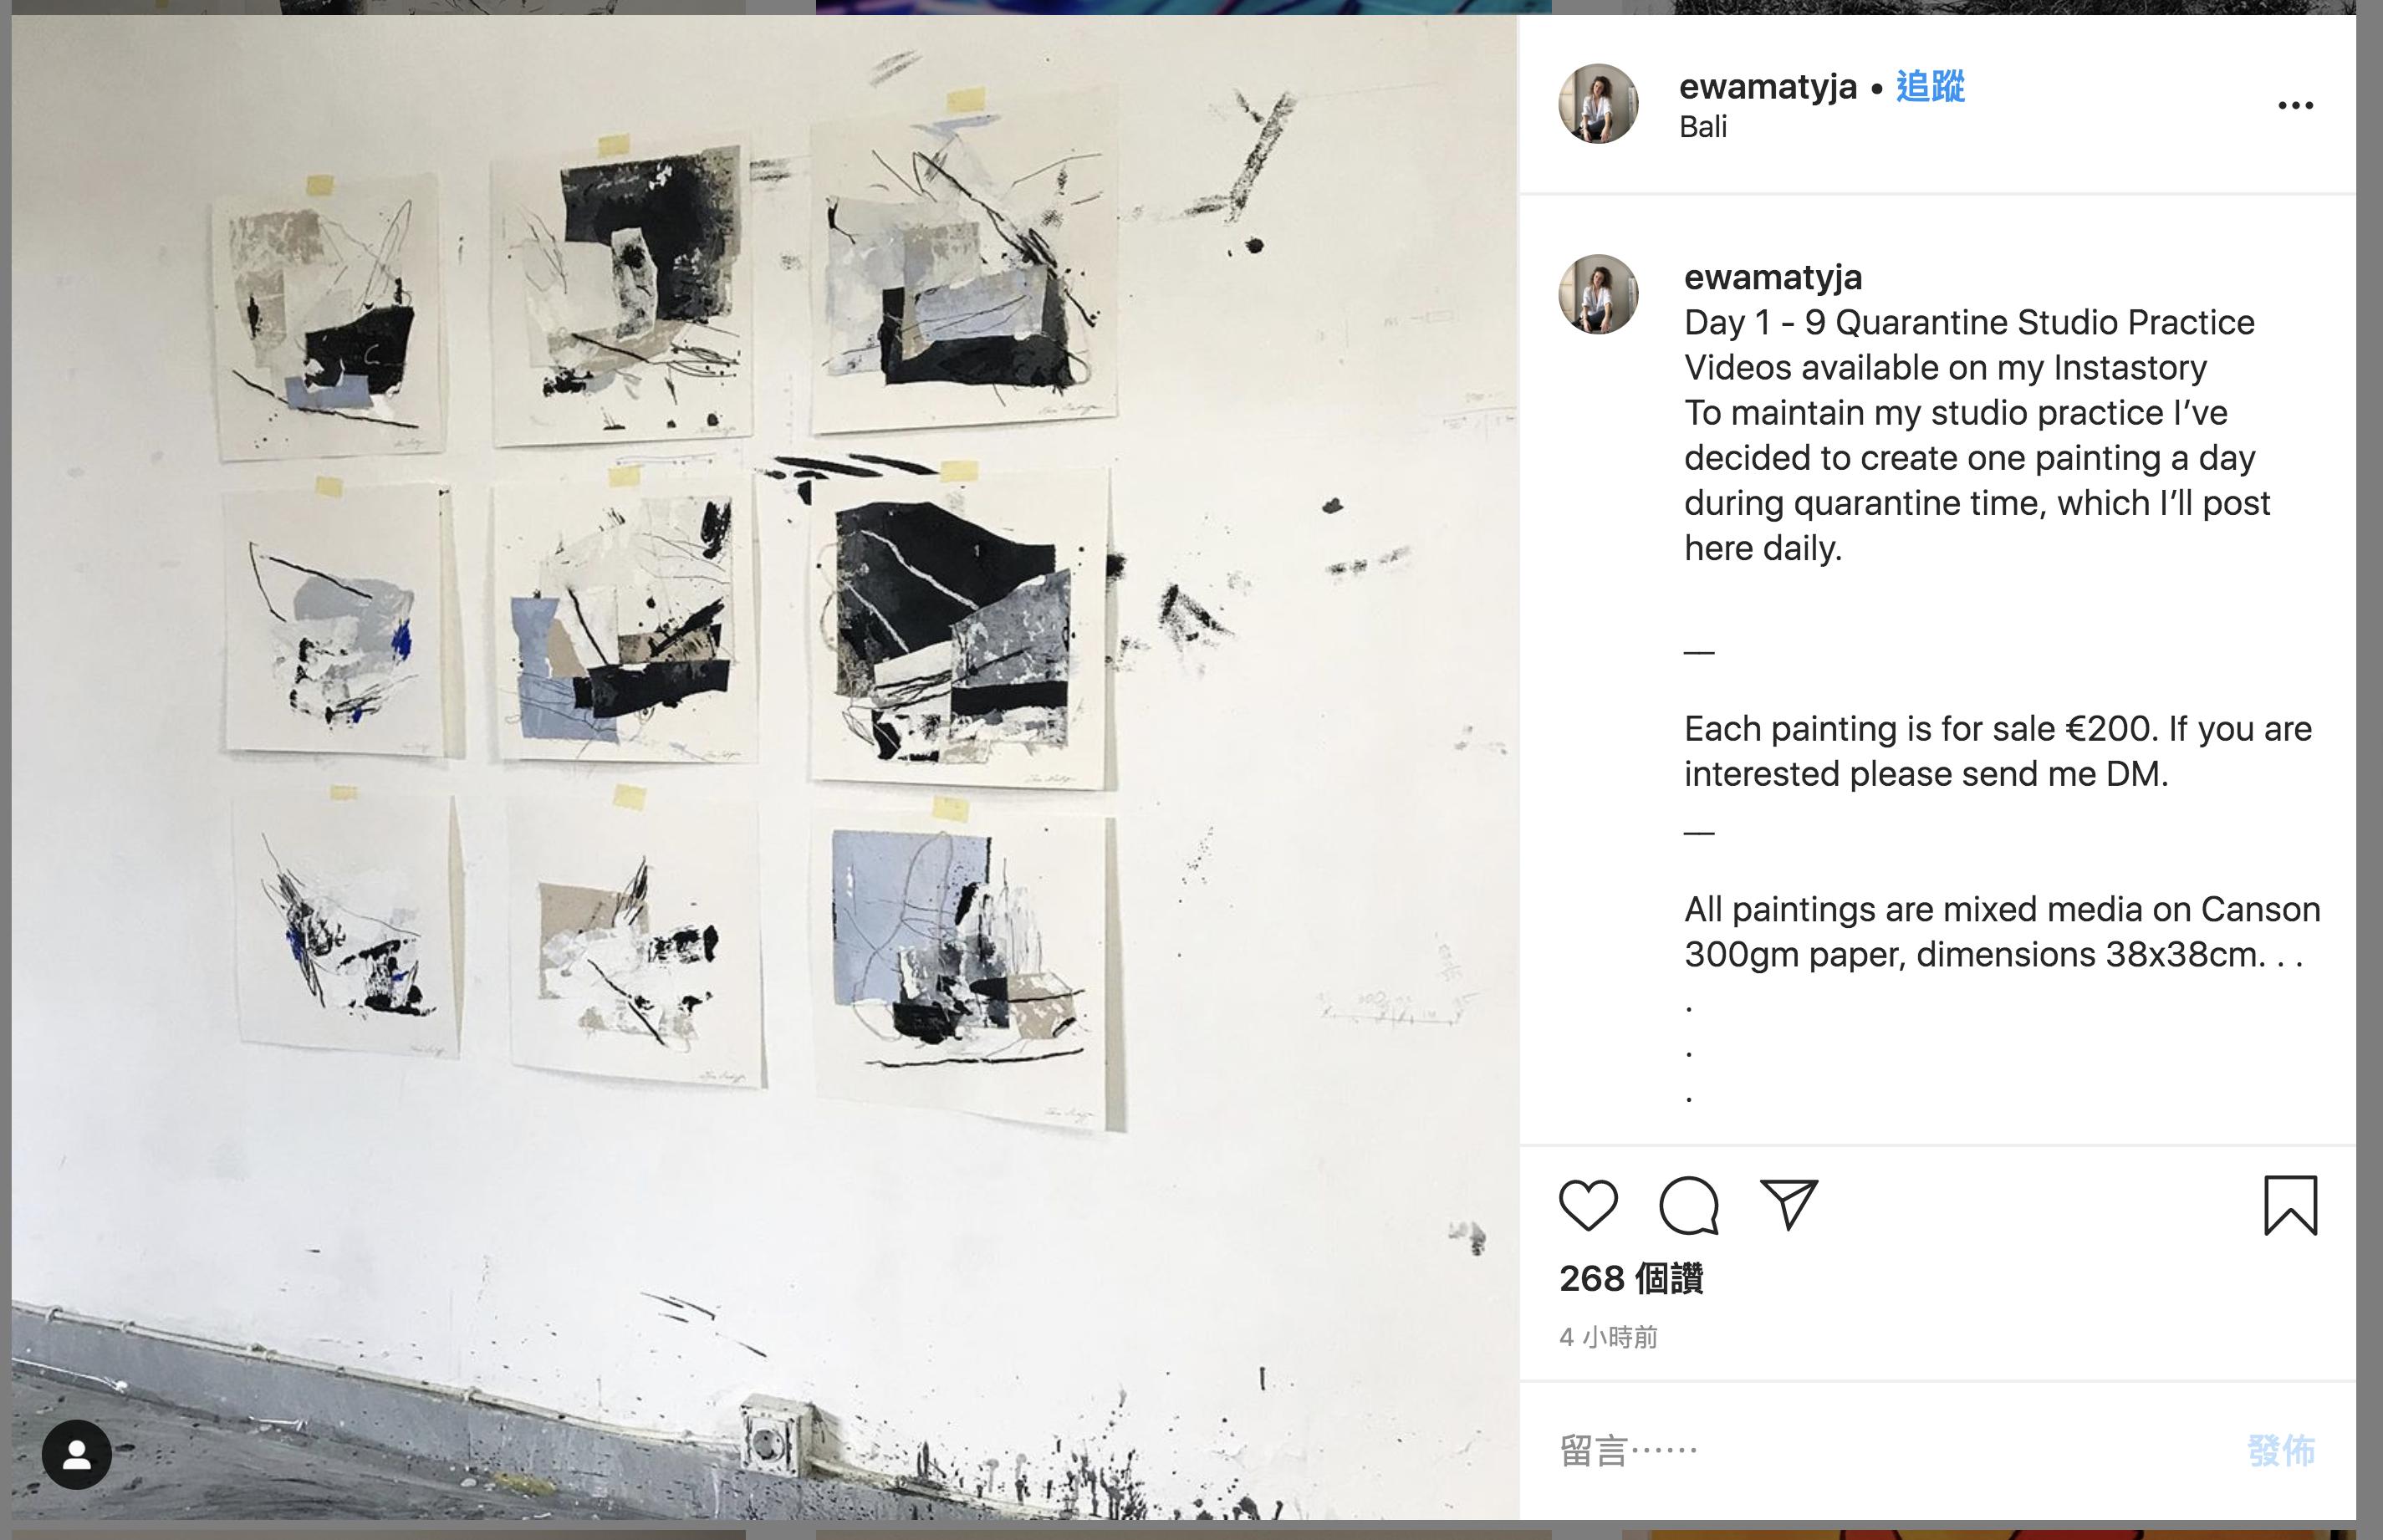 峇里藝術家Ewa Matyja沒有浪費隔離的時間,以每日一畫保持畫功。